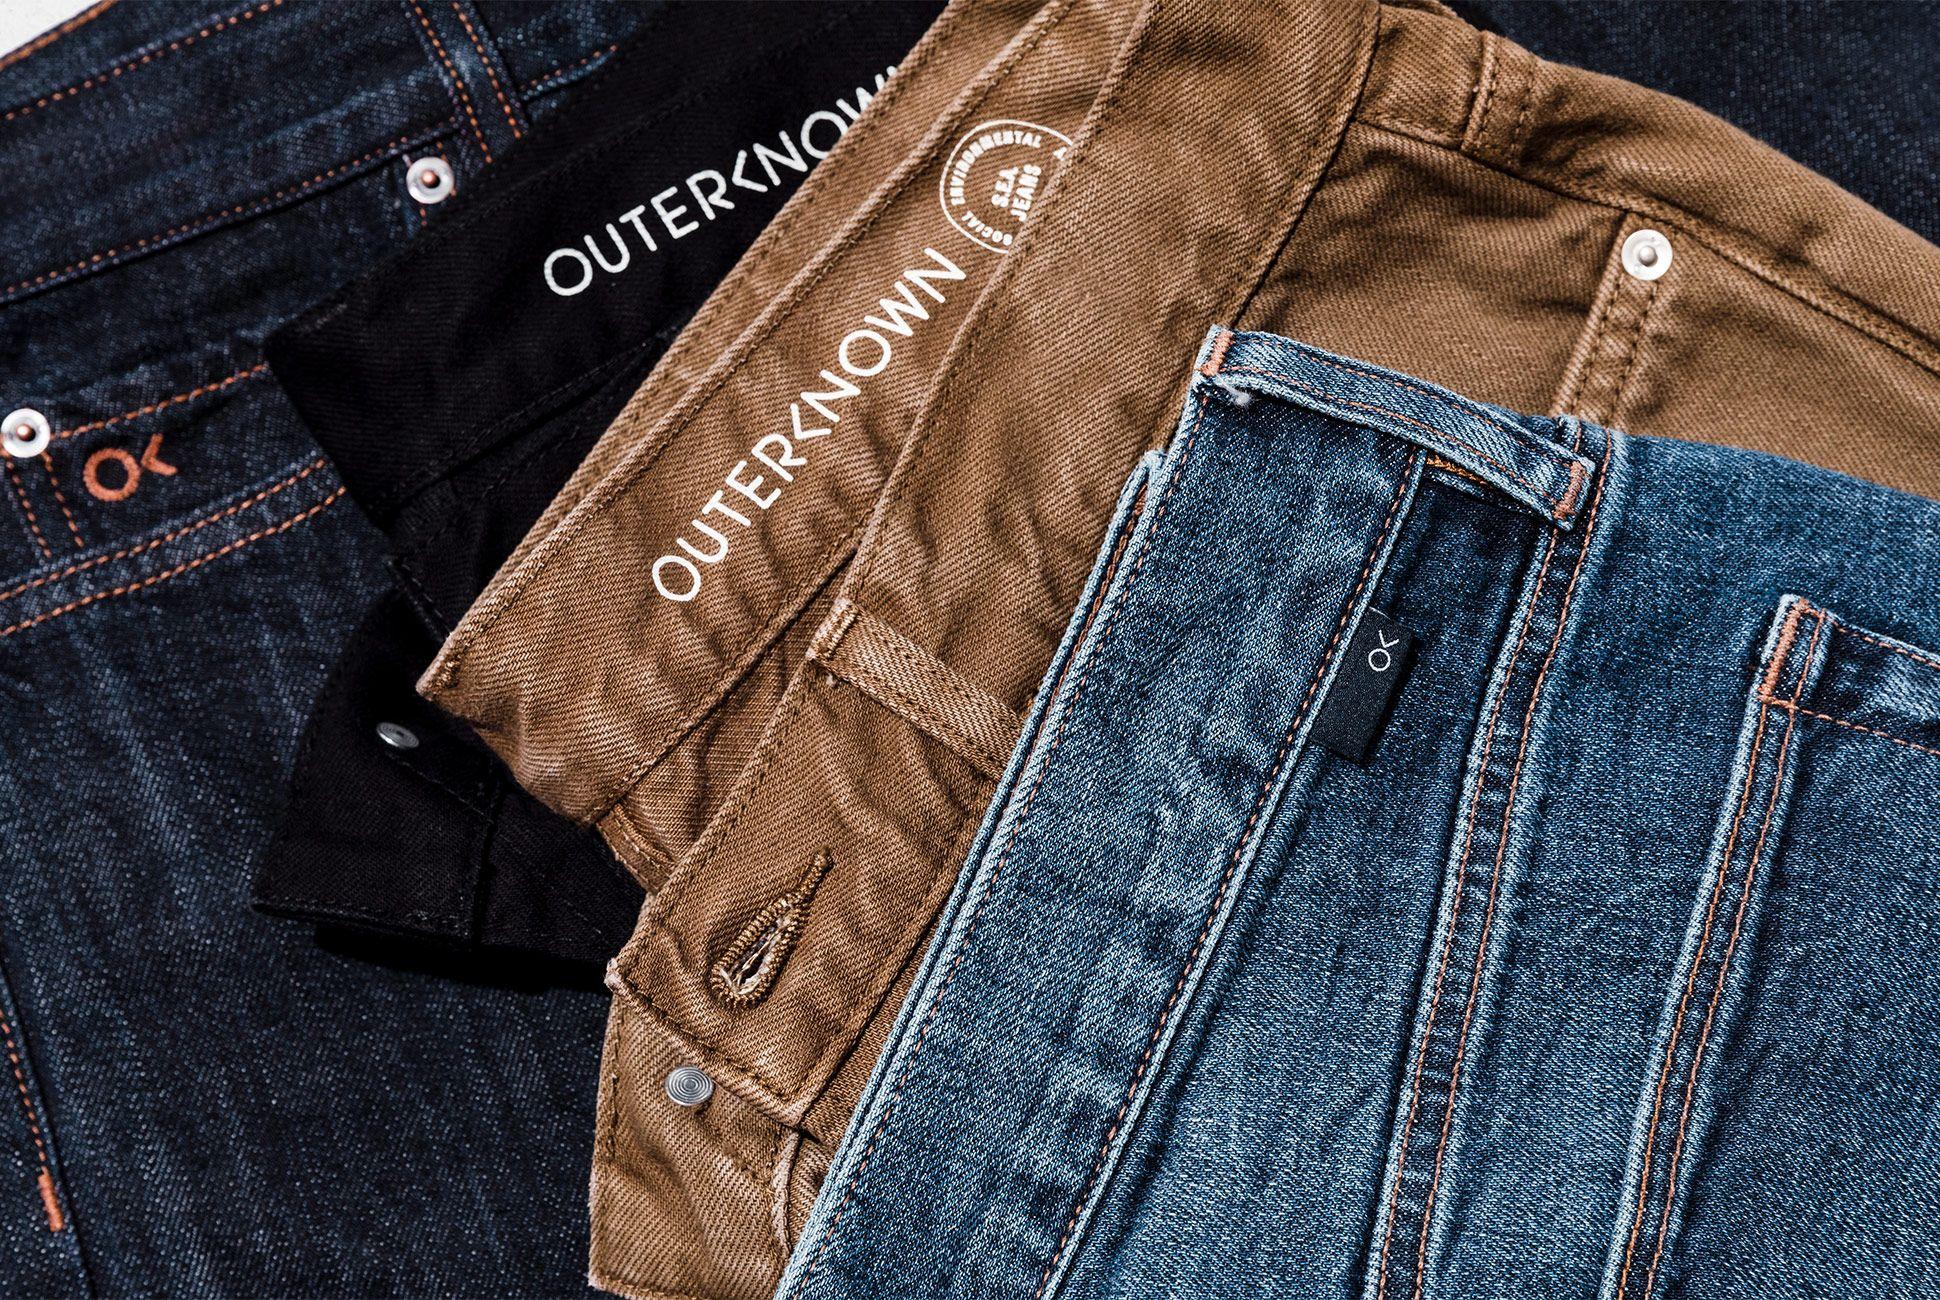 Outerknown-SEA-Jeans-gear-patrol-slide-1